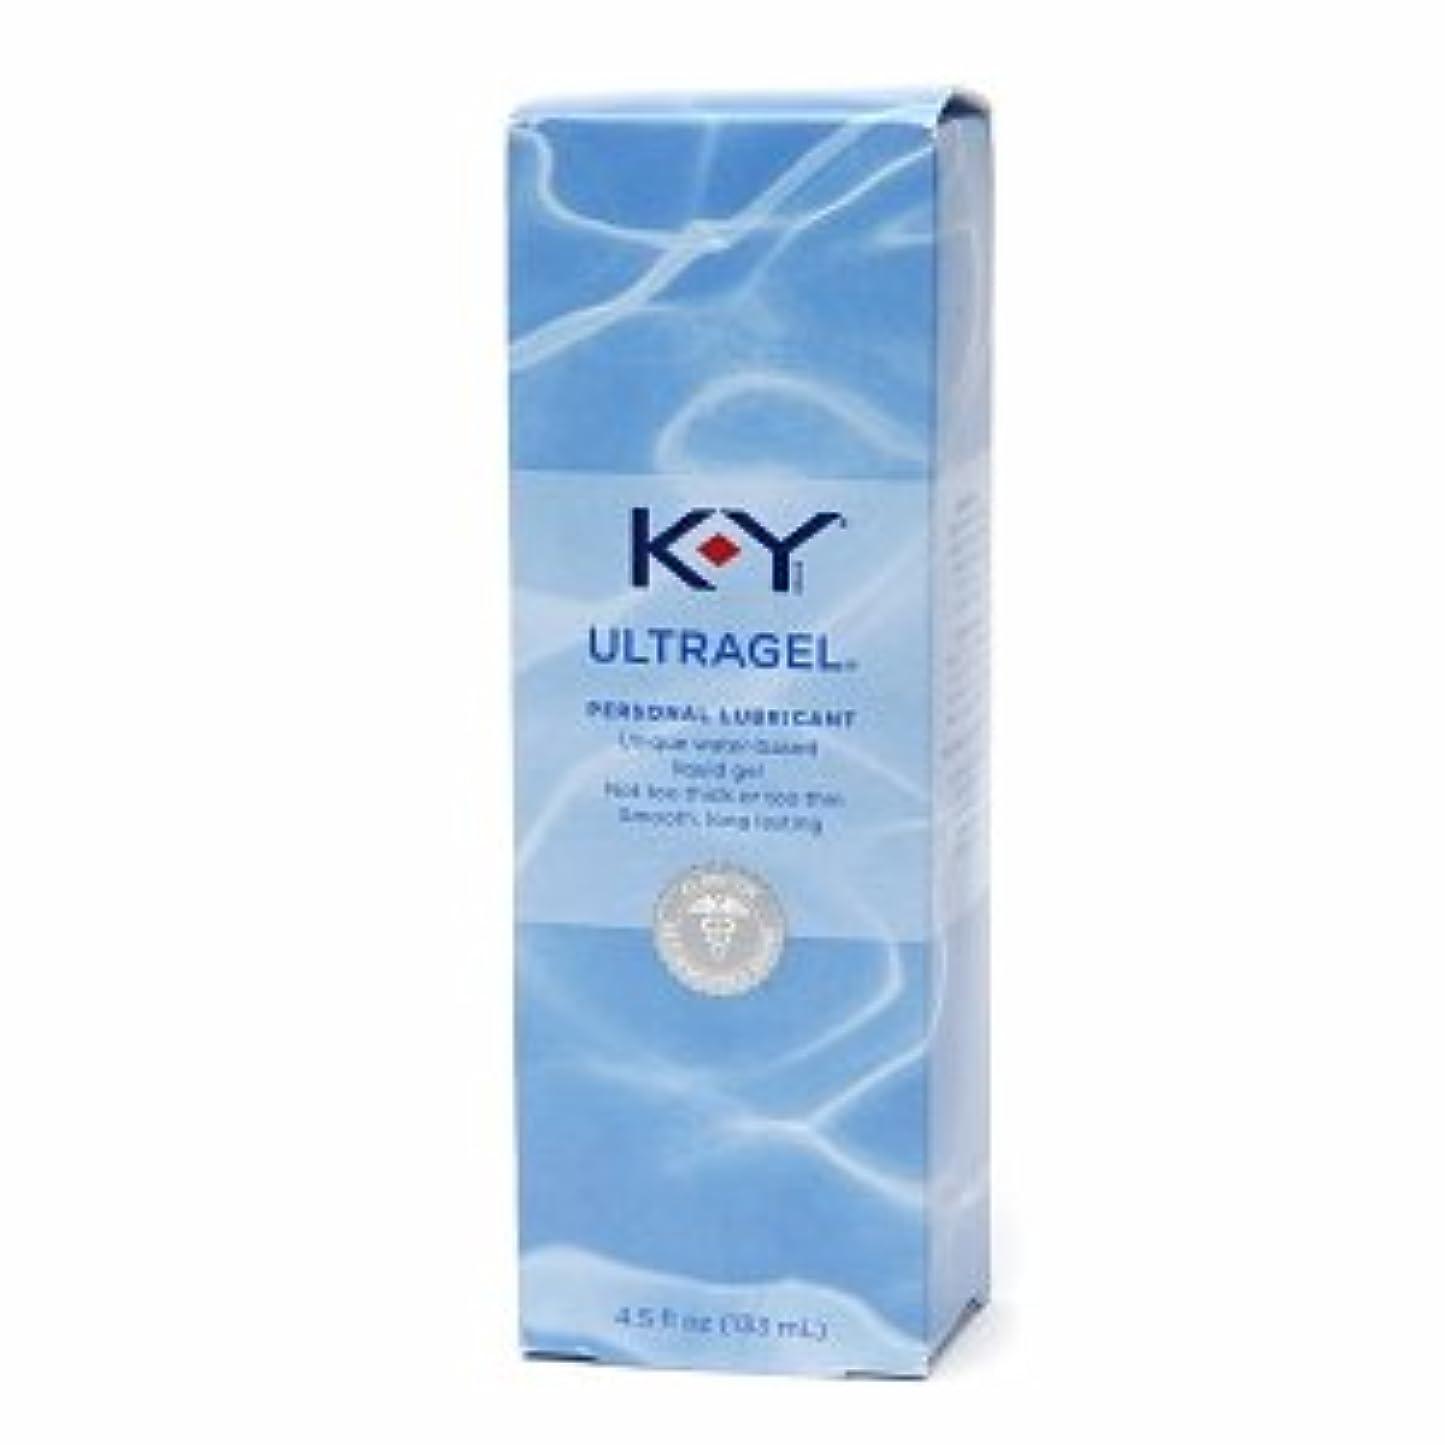 雄弁菊矢じり074 不感症で濡れにくい方へ【高級潤滑剤 KYゼリー】 水溶性の潤滑ジェル42g 海外直送品